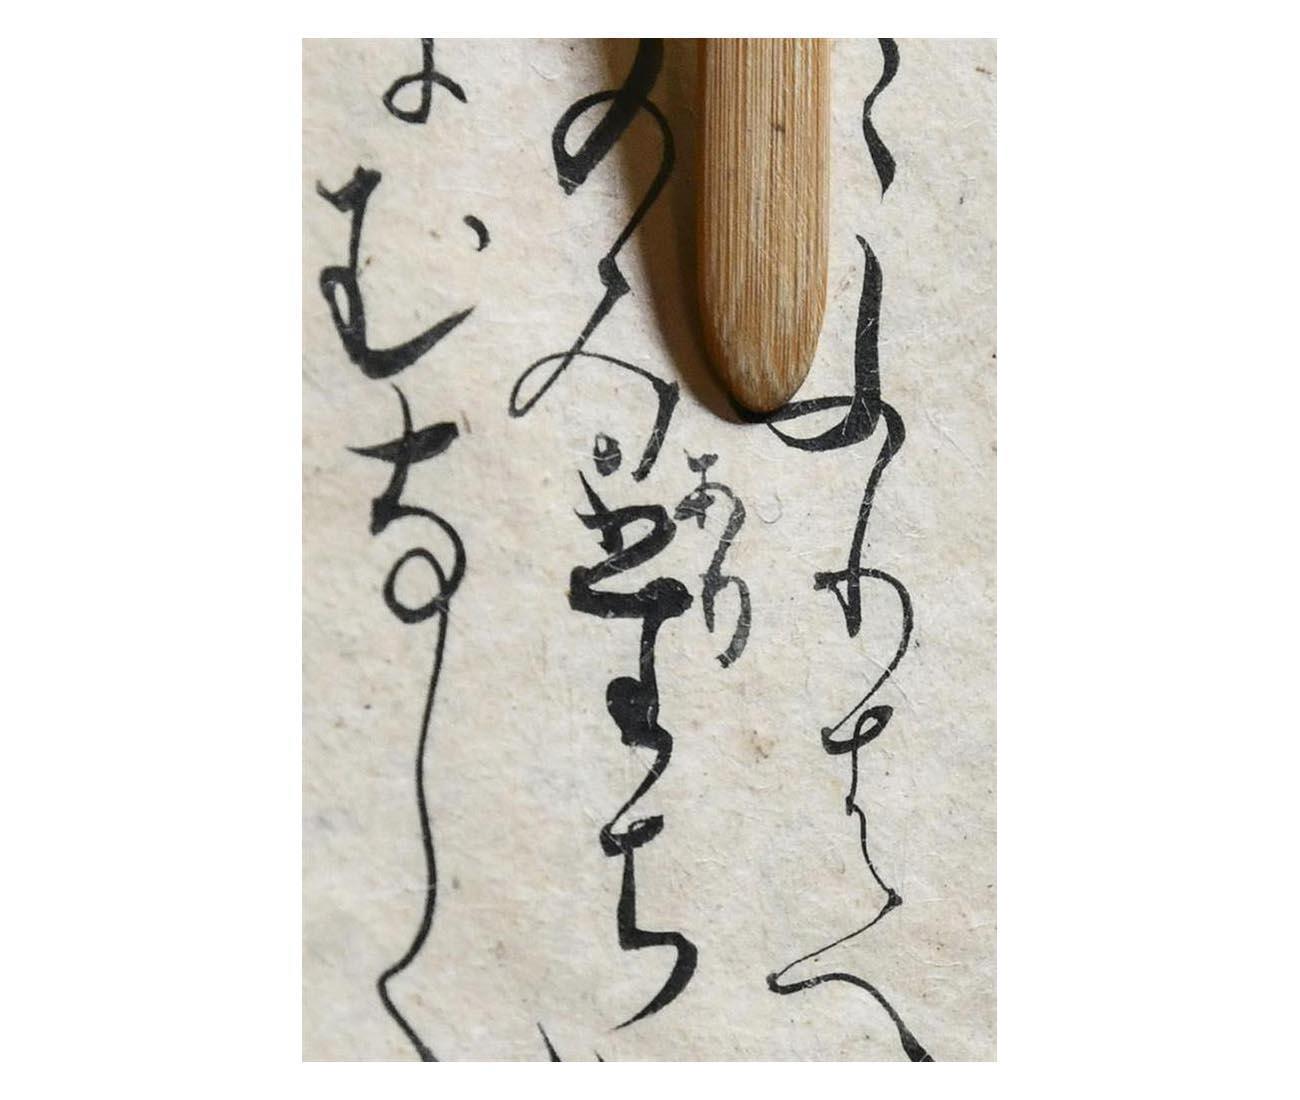 源氏物語の写本「青表紙本」5冊目の「若紫」の一部分。藤原定家が「あり」という言葉を補った跡が確認された